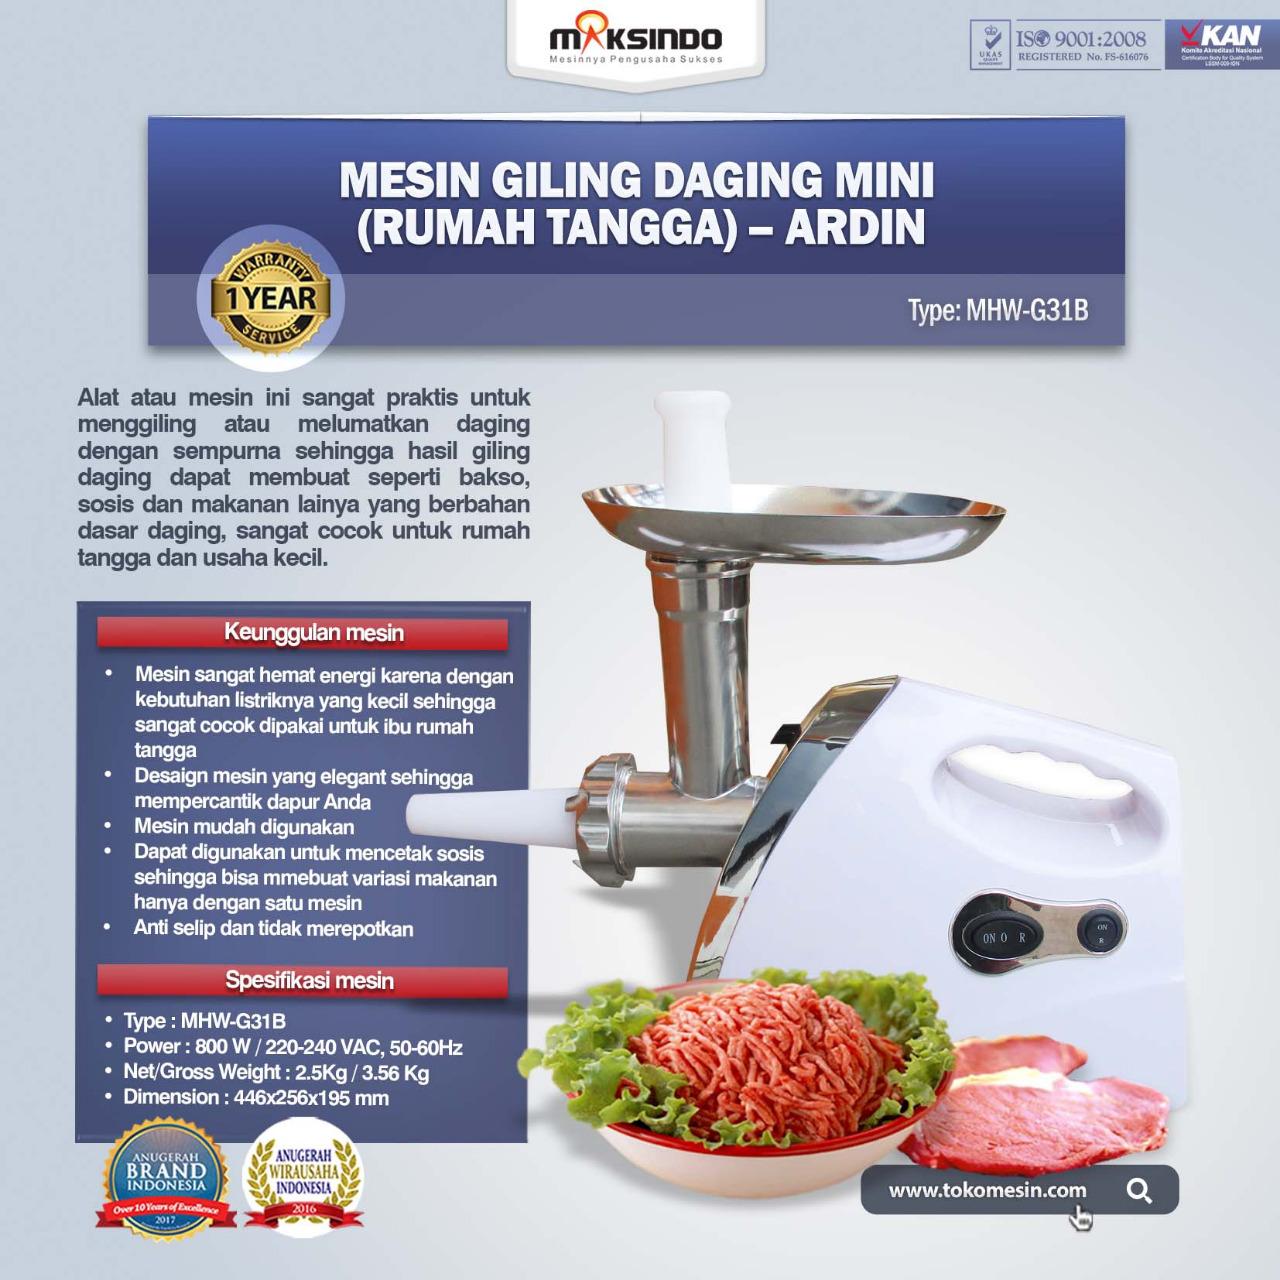 Mincer Multiuse Penggiling Giling Daging Sayur Buah Beras Meat Alat Dagingsayurbuah Grinder Manual Jual Mesin Mini Rumah Tangga Ardin Di Makassar